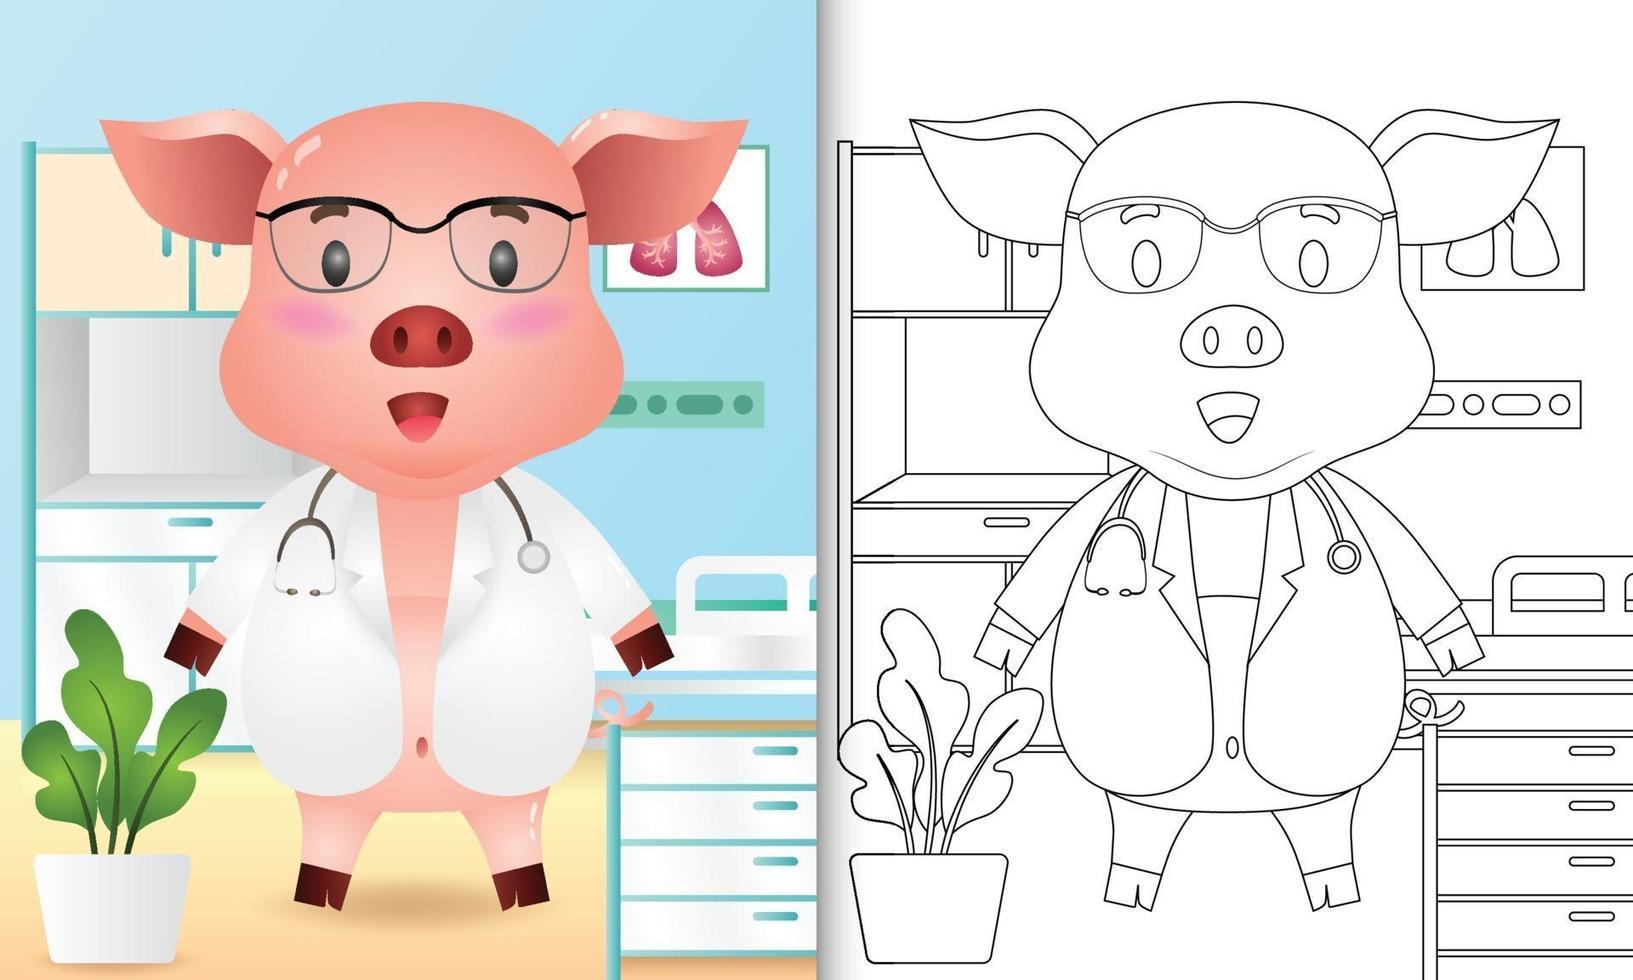 Malbuch für Kinder mit einer niedlichen Schweinedoktor-Charakterillustration vektor